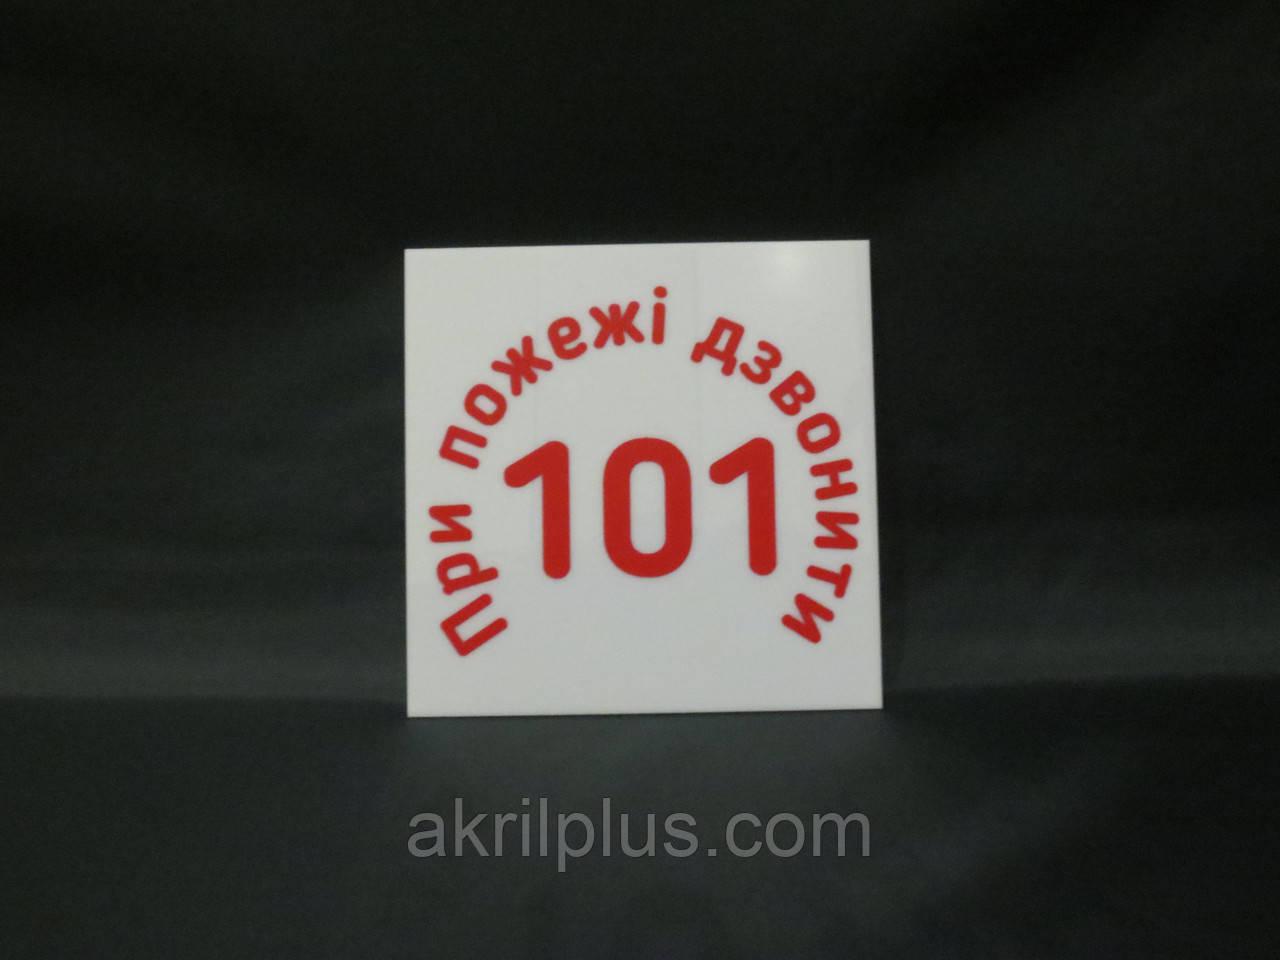 Табличка при пожаре звонить 150*150 мм